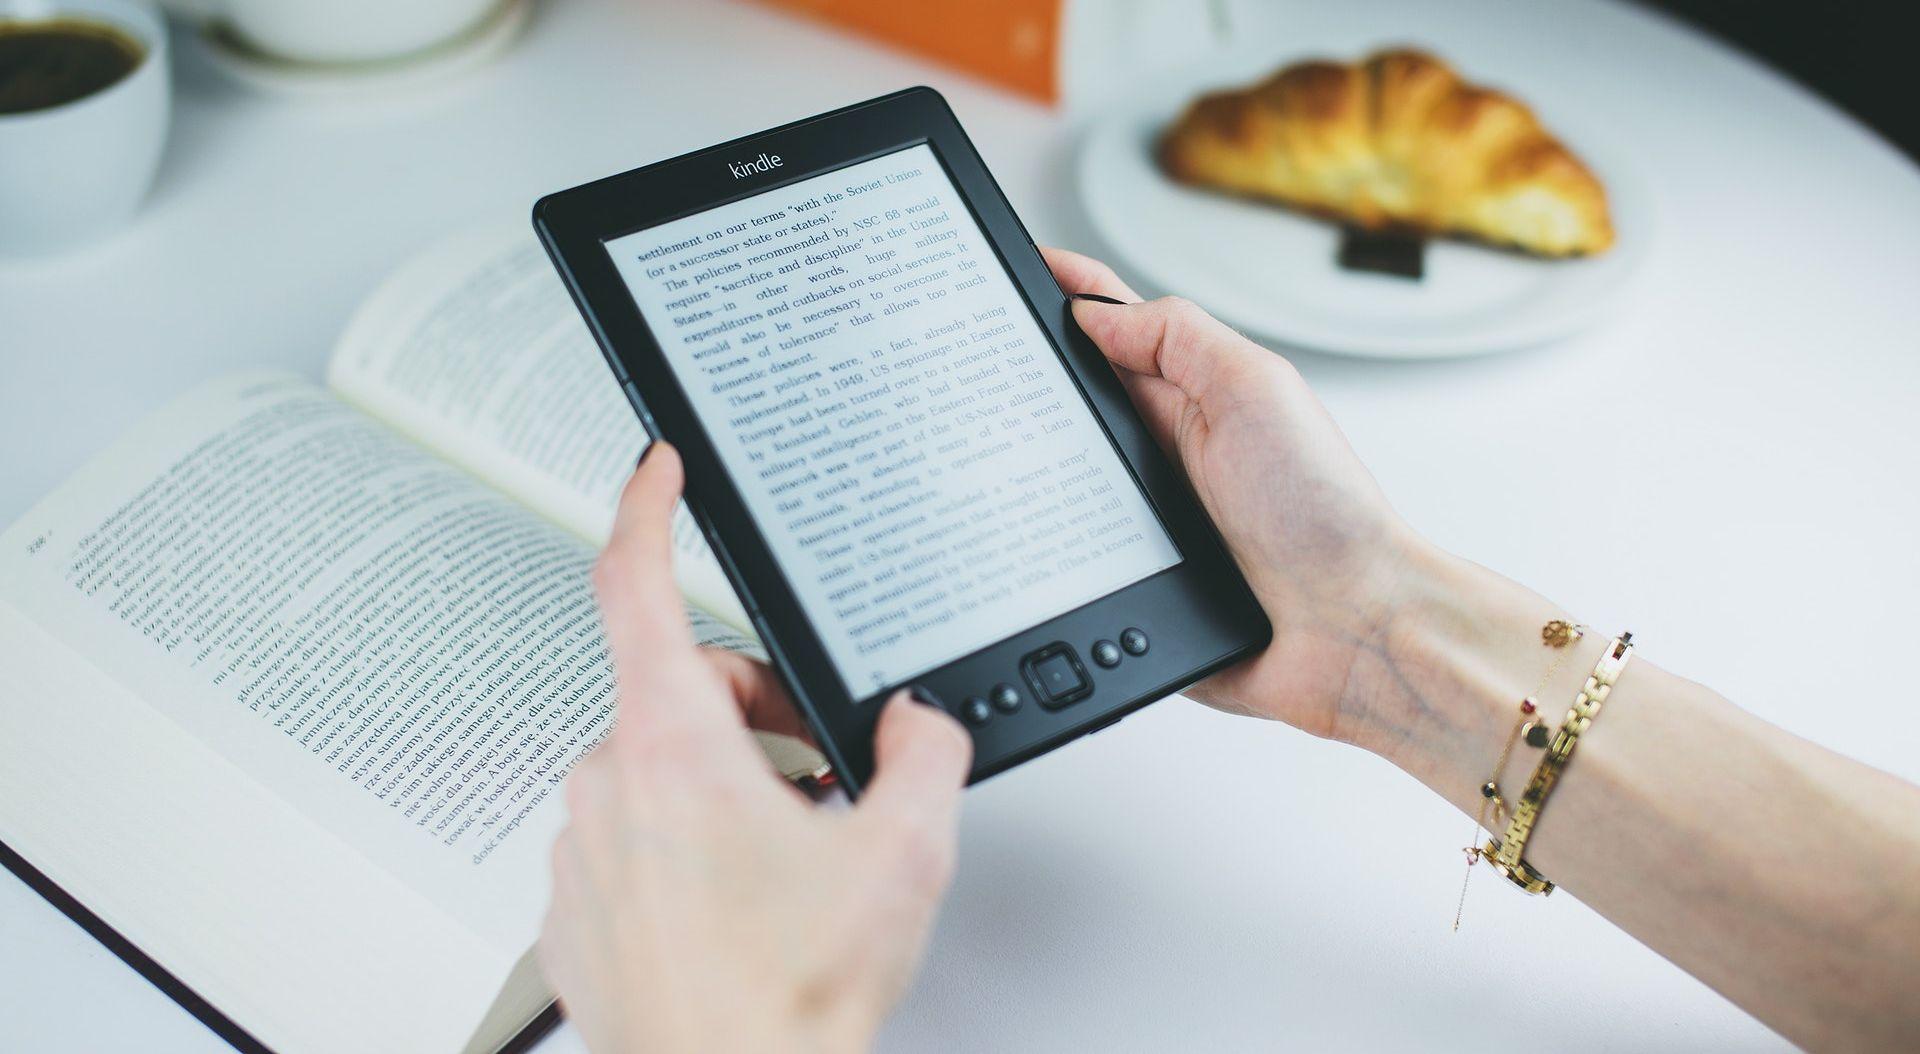 Quelle Kindle Amazon choisir